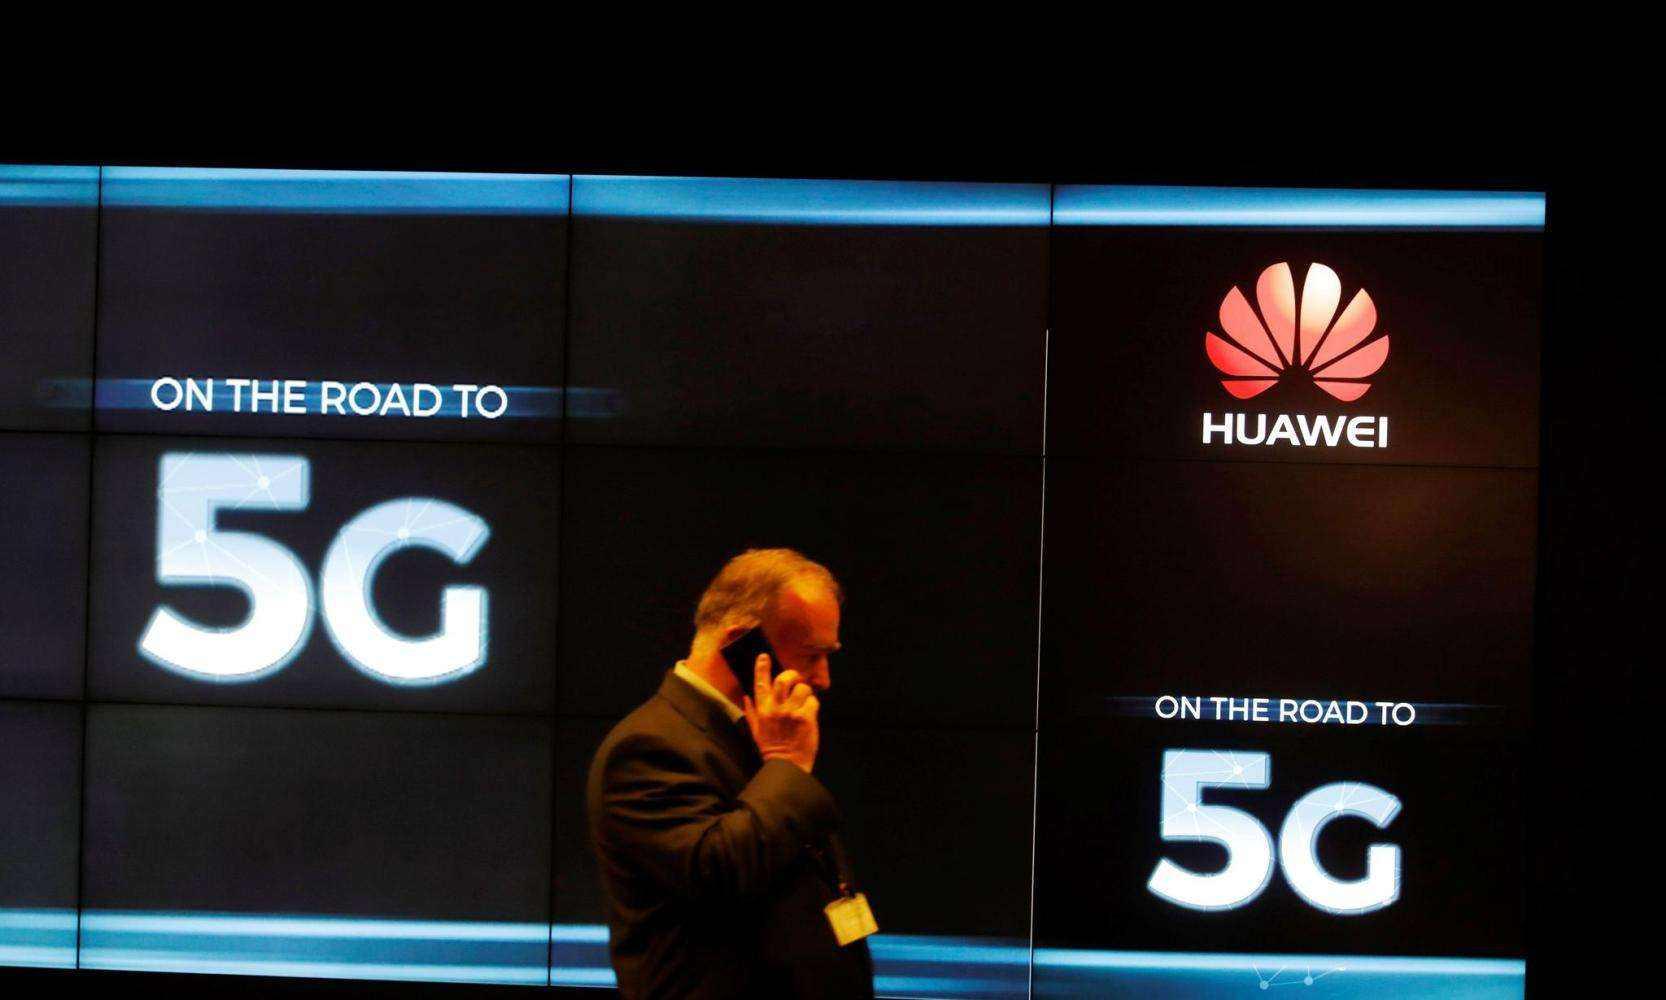 华为不该单绑5G,美或允许厂商销售非5G芯片给华为,机会来了